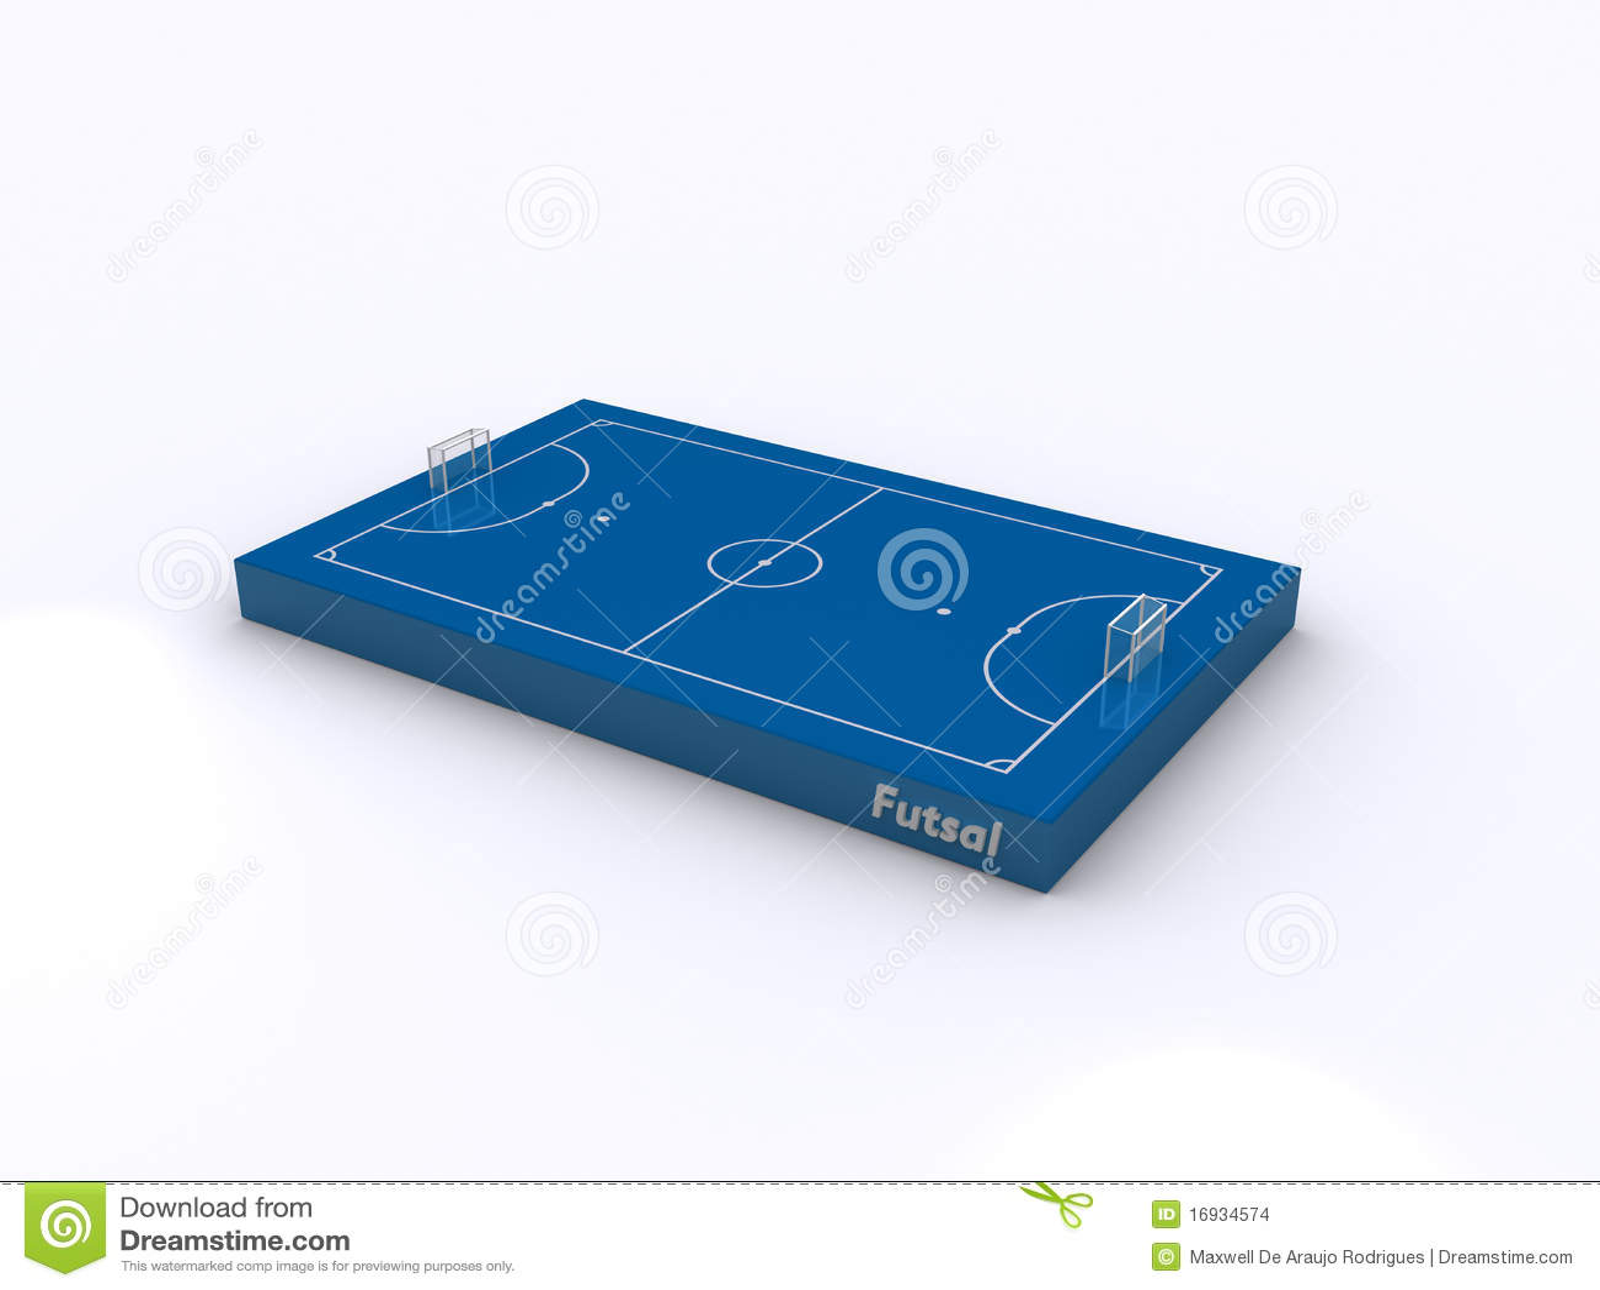 Futsal court icon